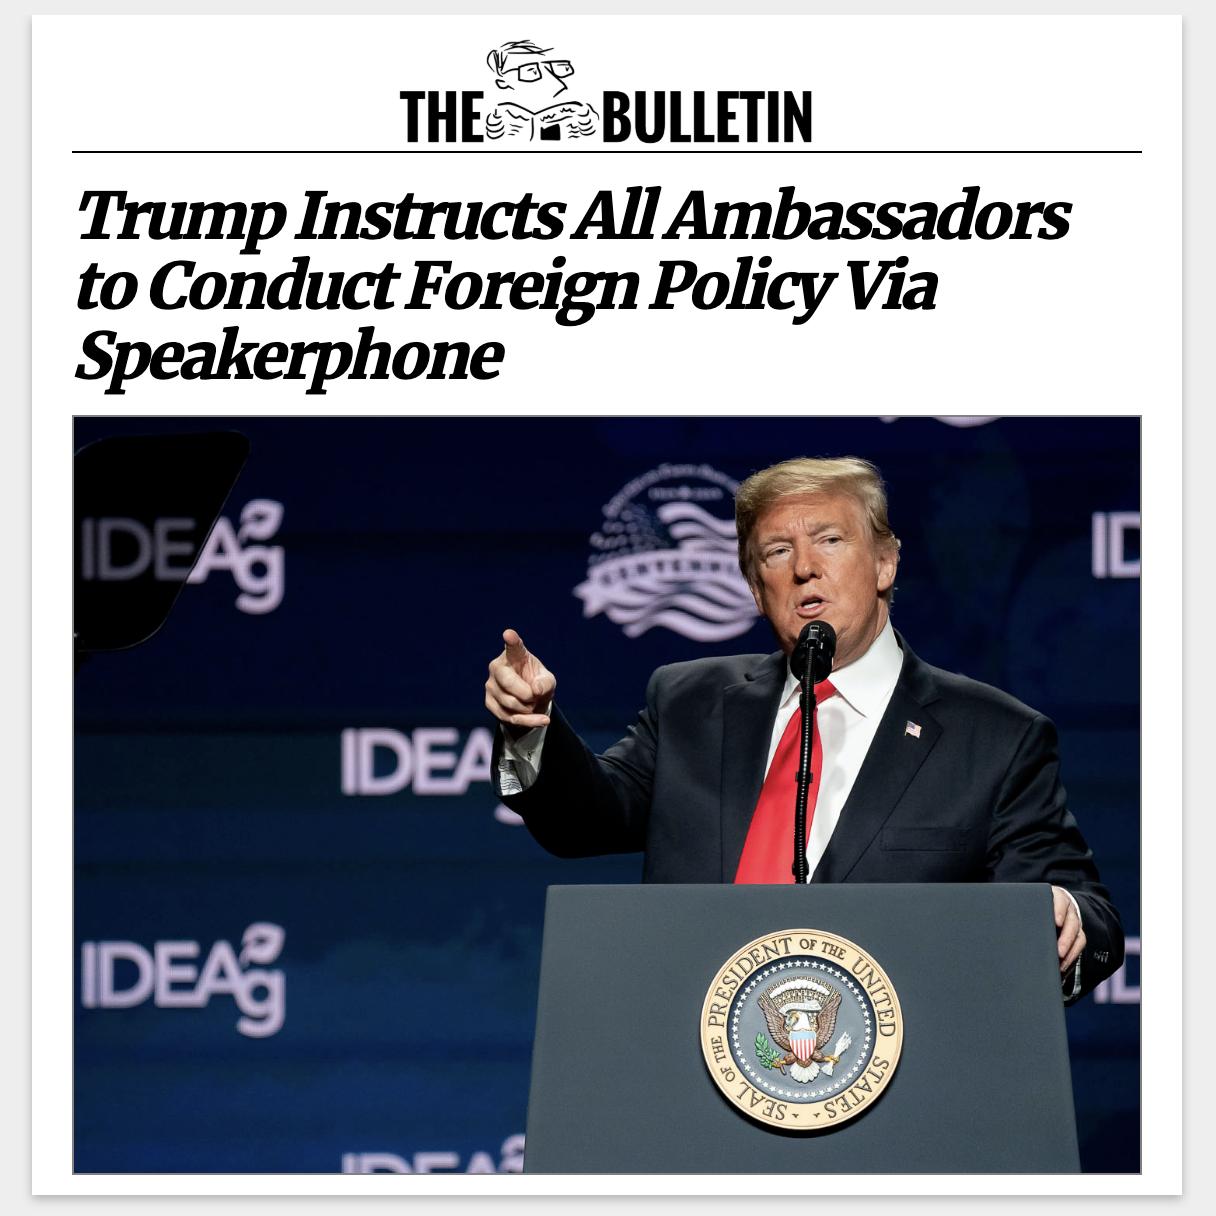 Trump Ambassadors